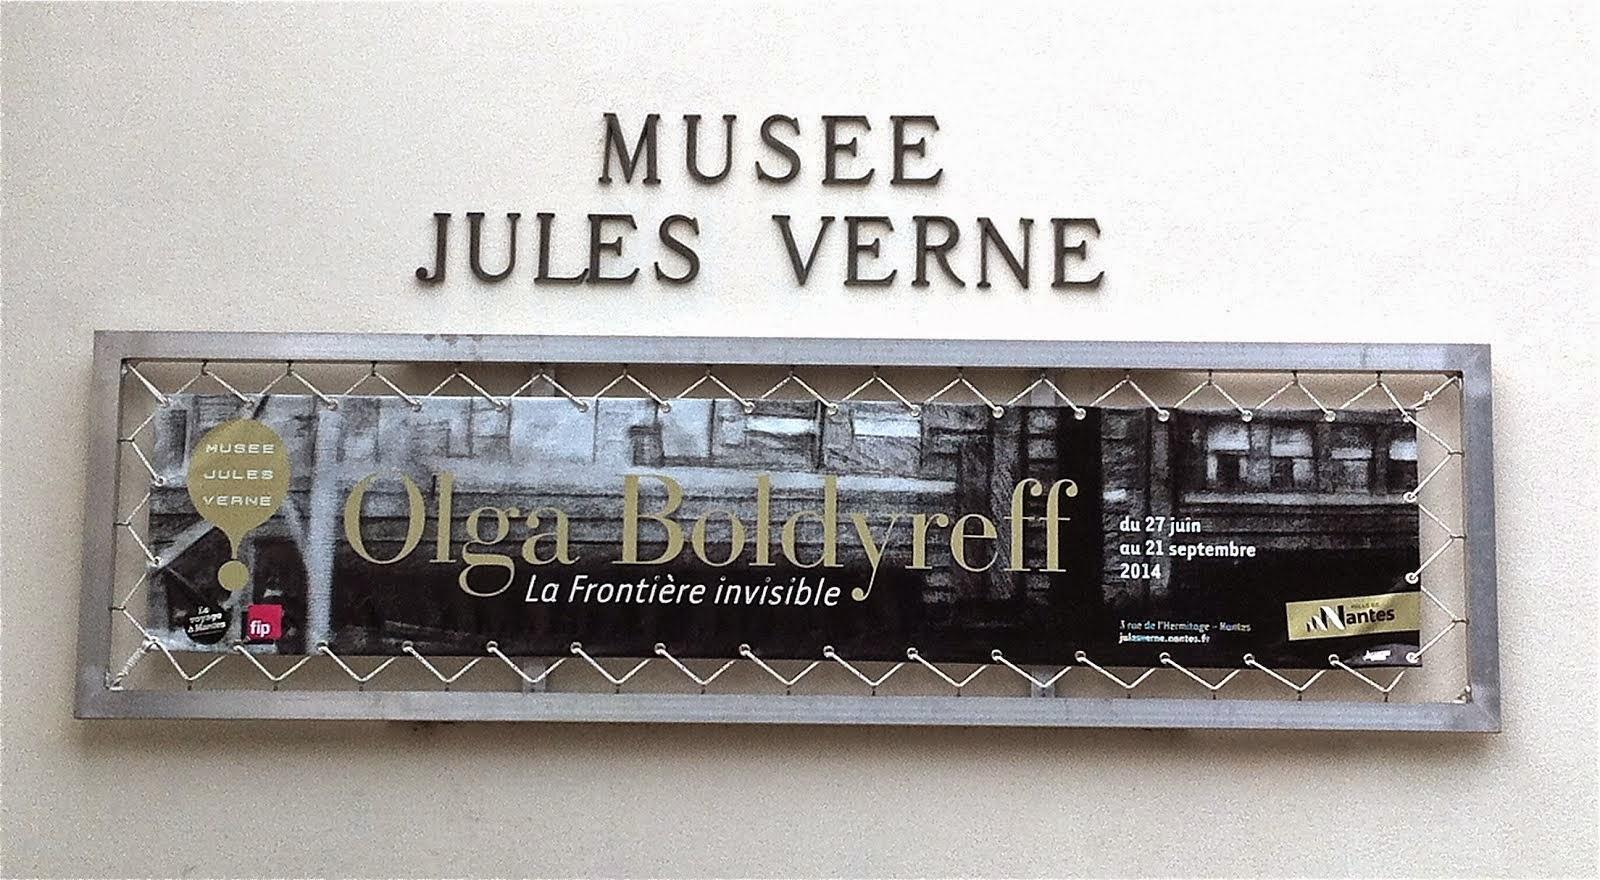 La frontière invisible, Musée Jules Verne, Nantes, 2014